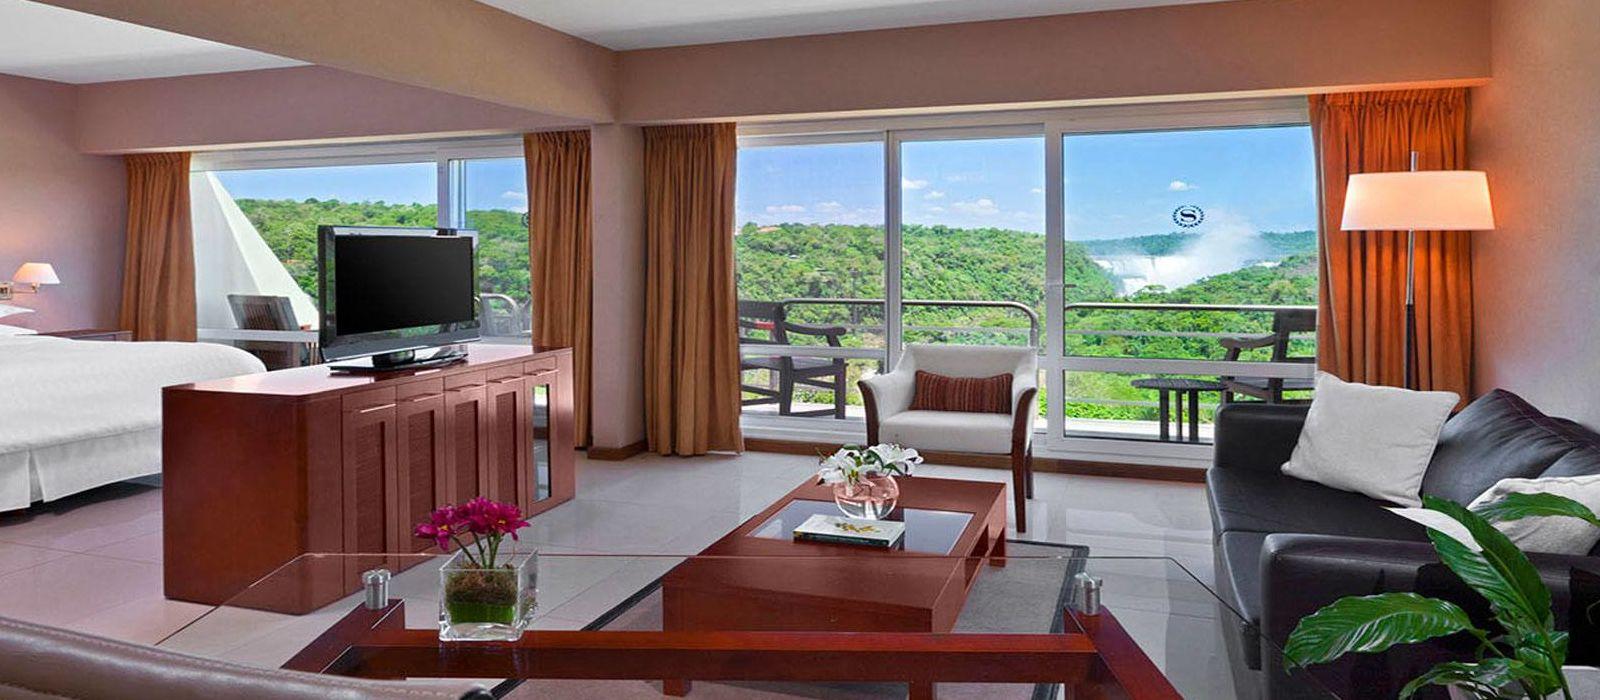 Hotel Sheraton Iguazú Argentina